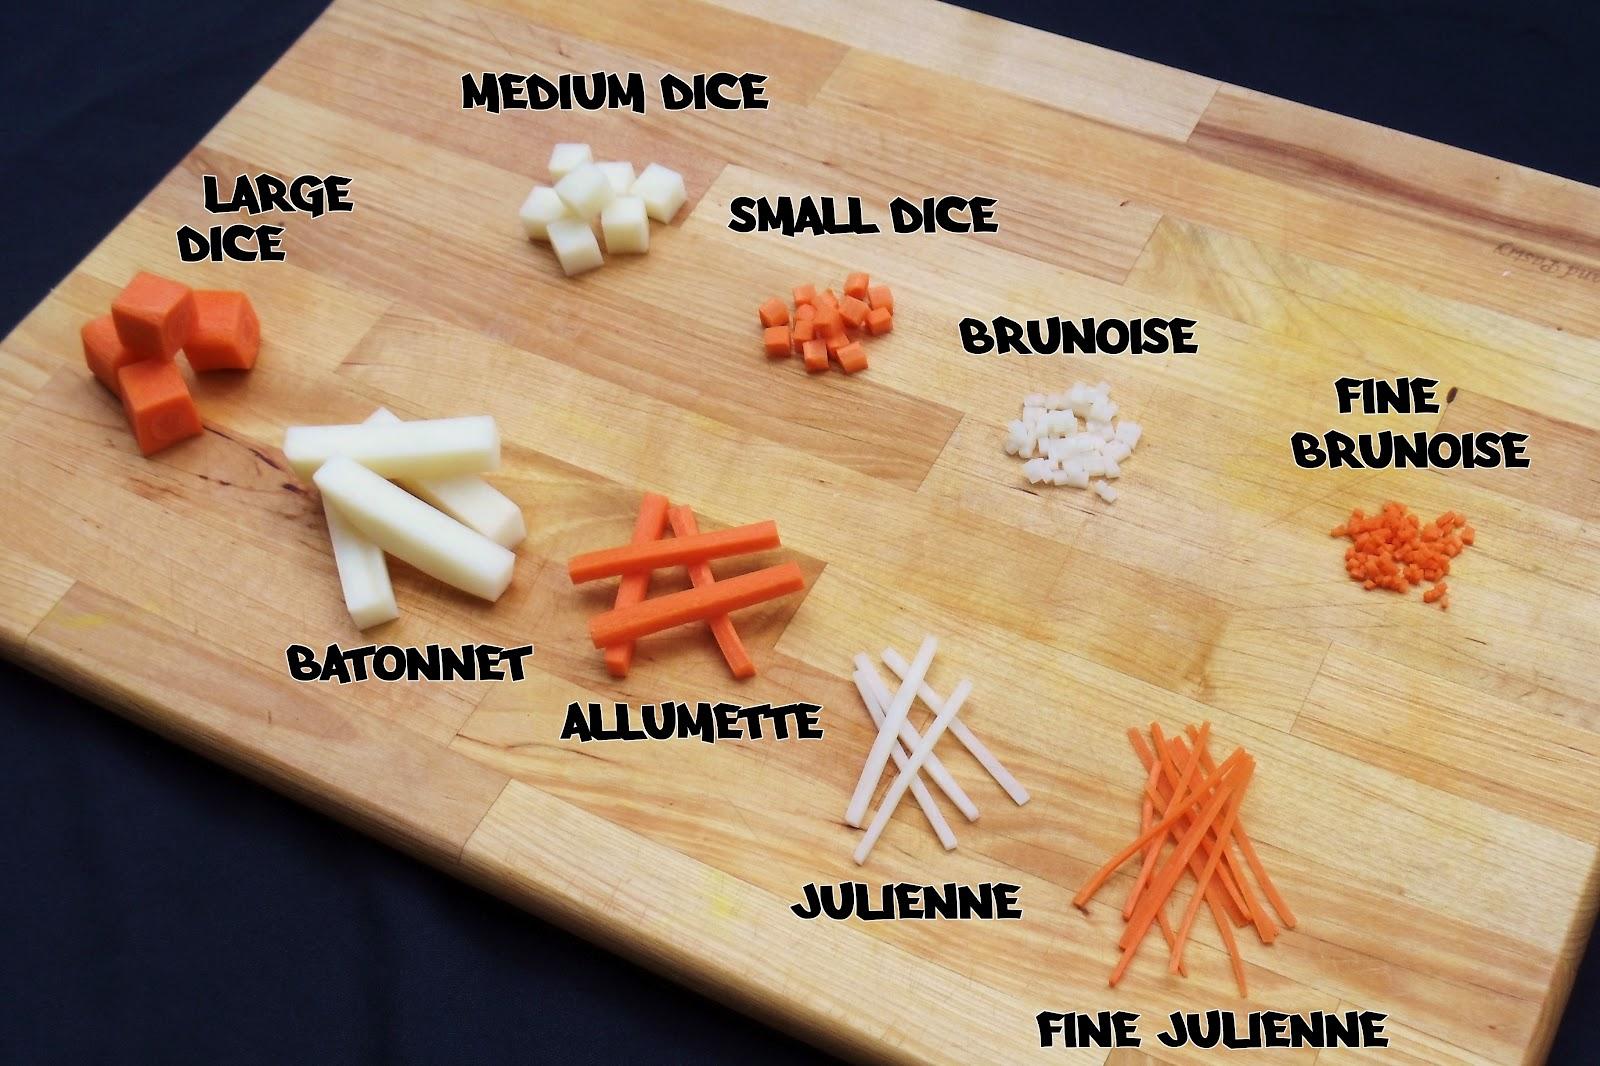 Description Of Knife Cuts